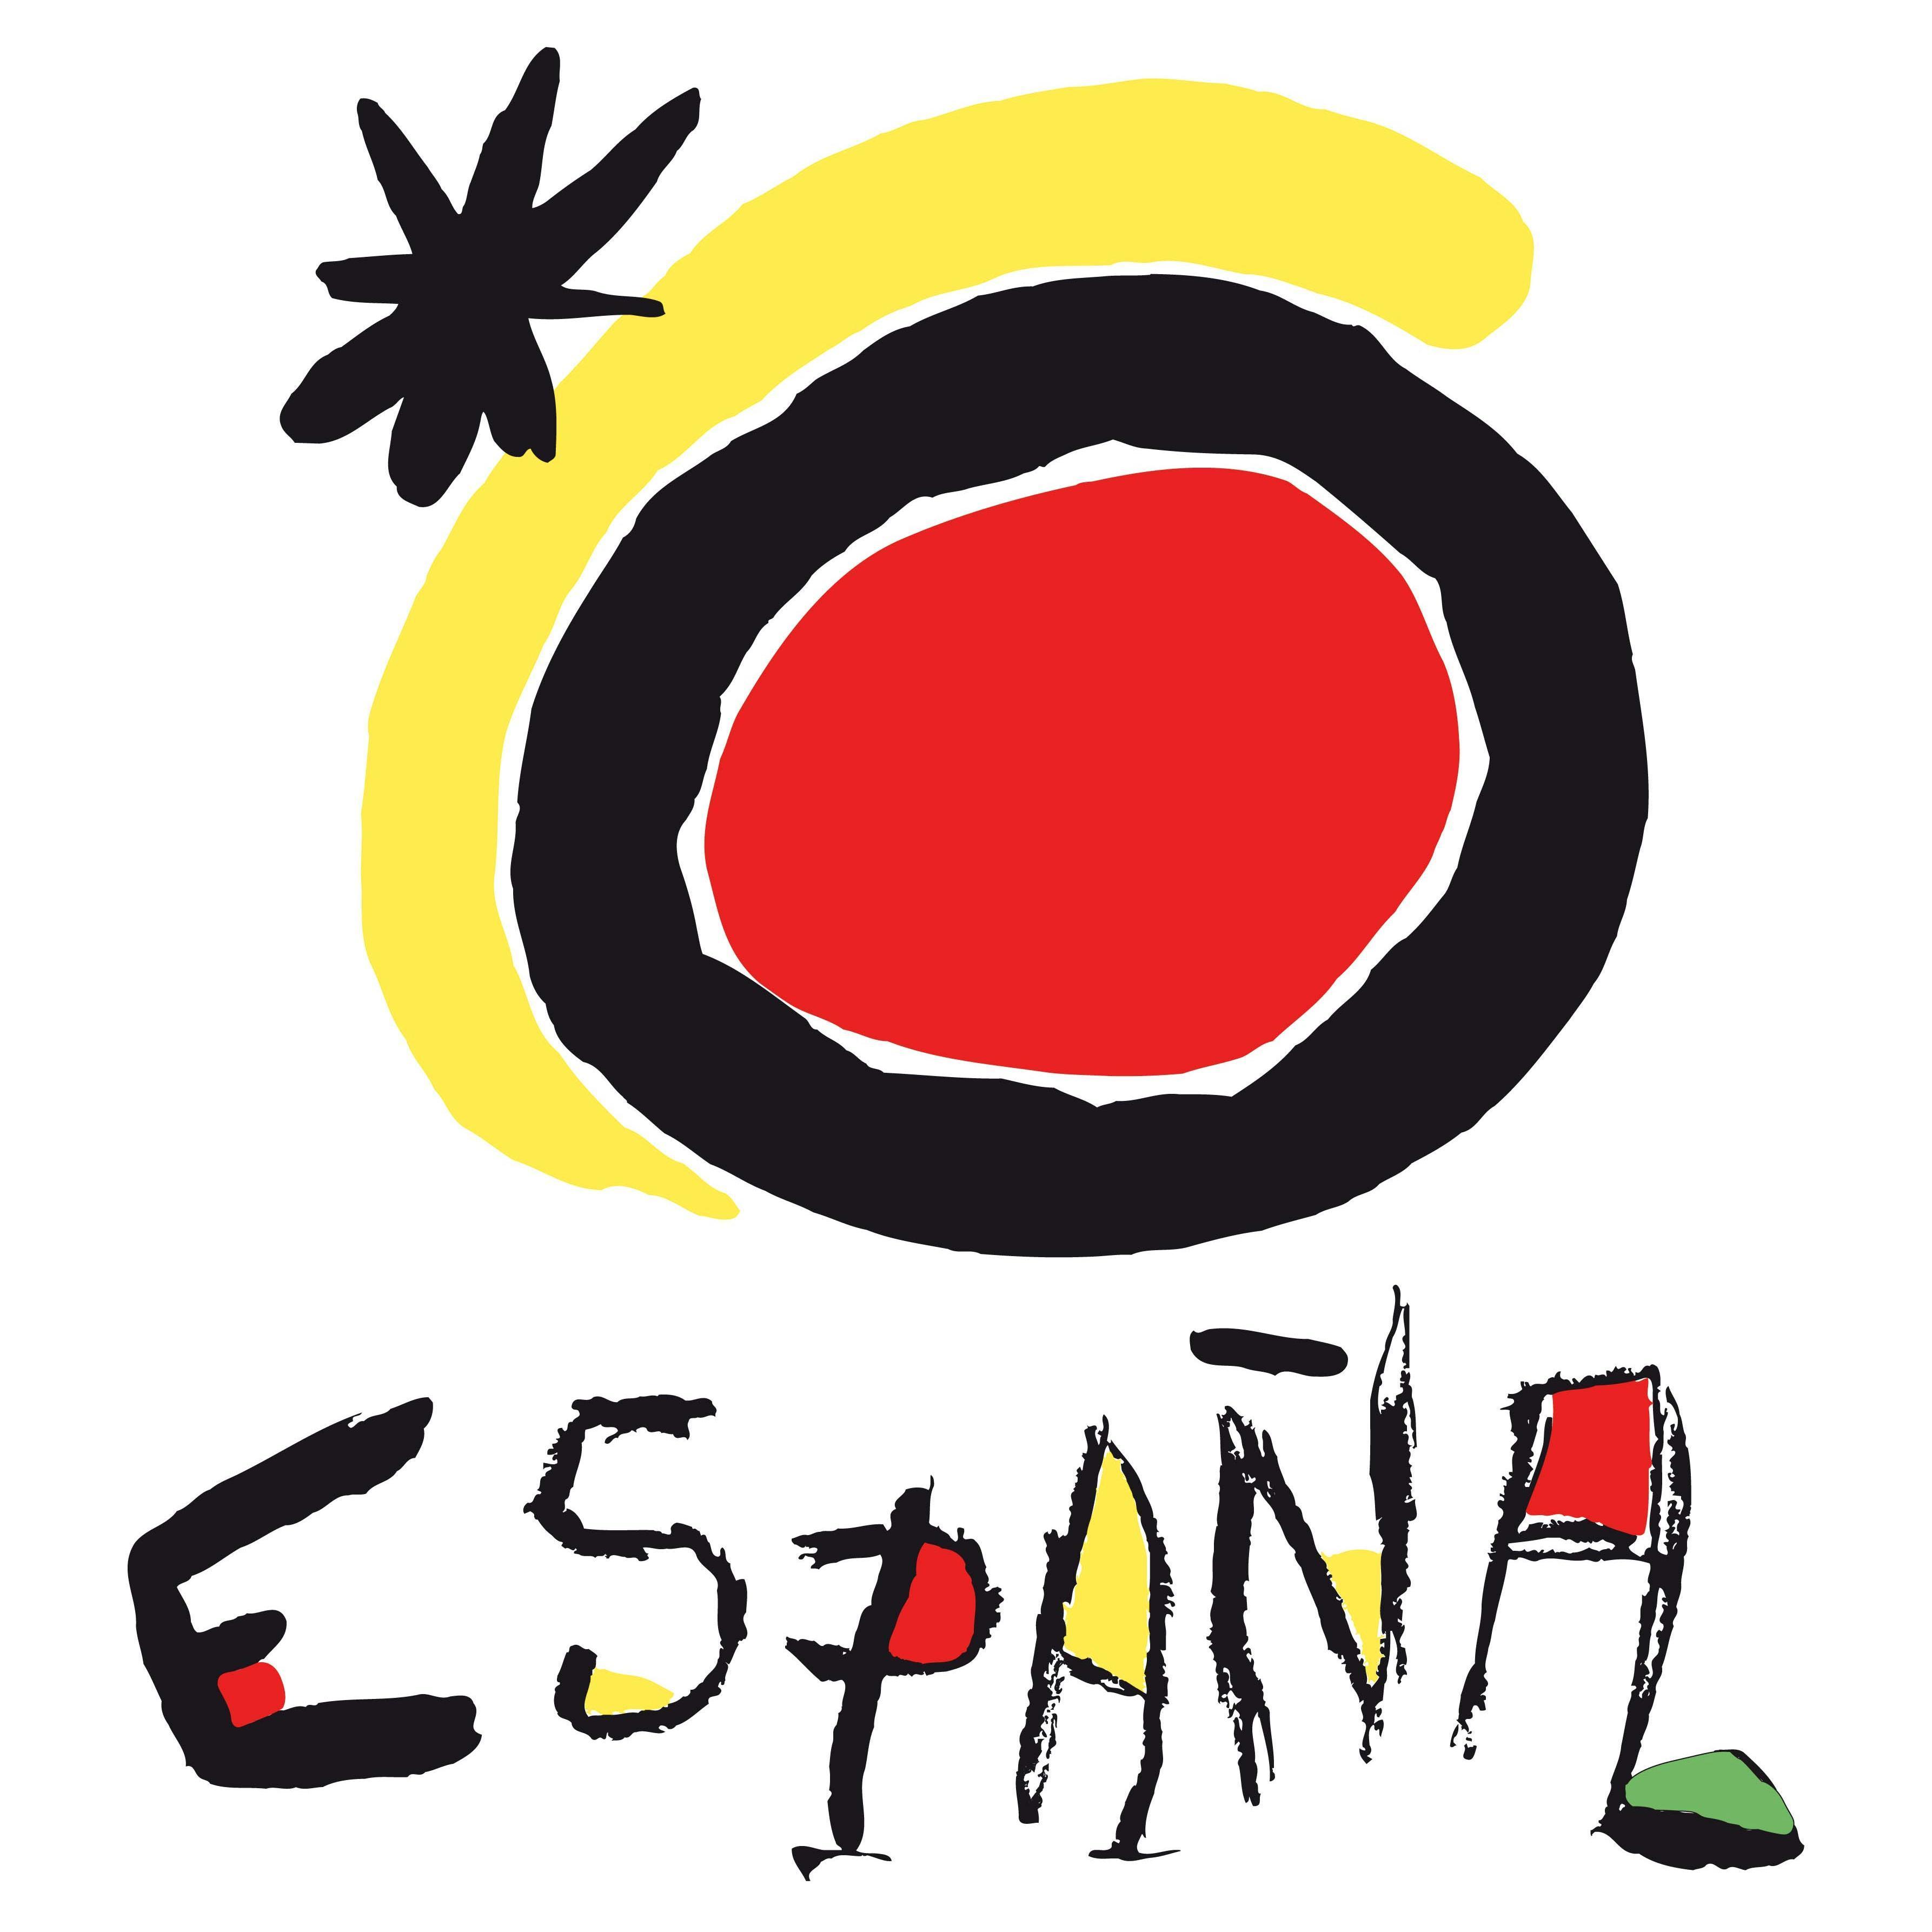 """Résultat de recherche d'images pour """"turismo espana"""""""